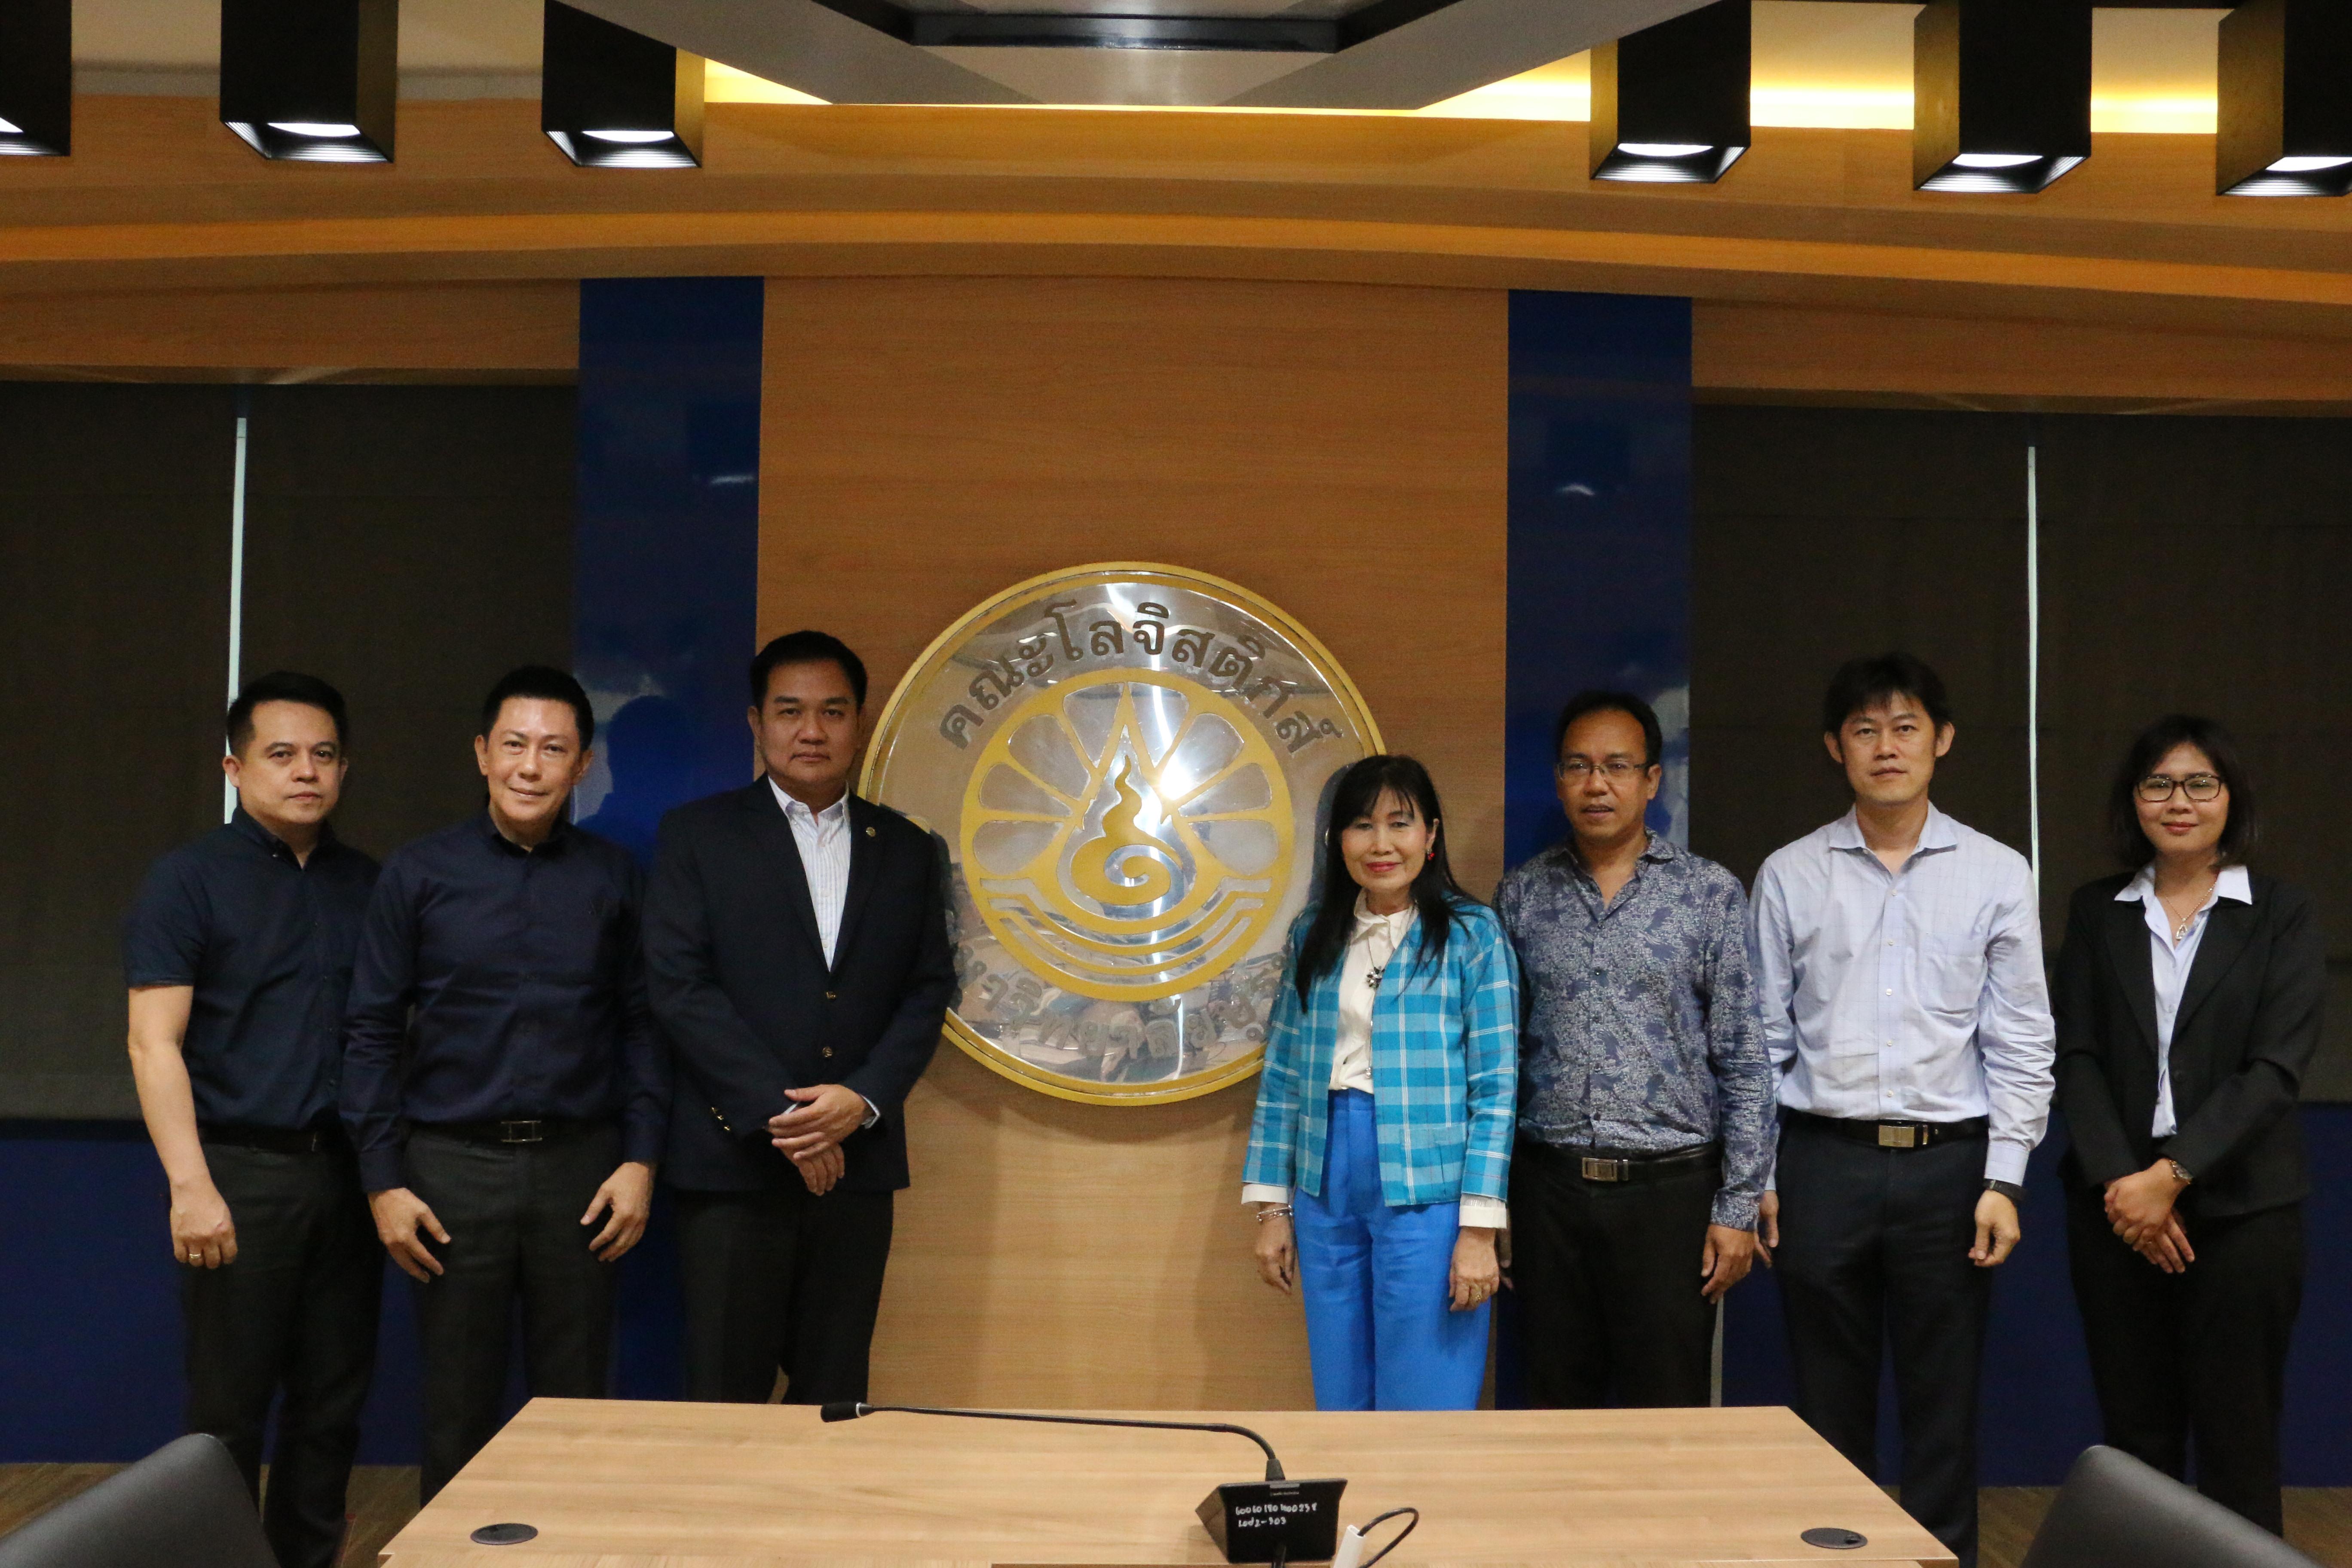 ร่วมพูดคุยจัดทำร่างหลักสูตรธุรกิจสายการบิน กับ Thai Flight Training Company Limited